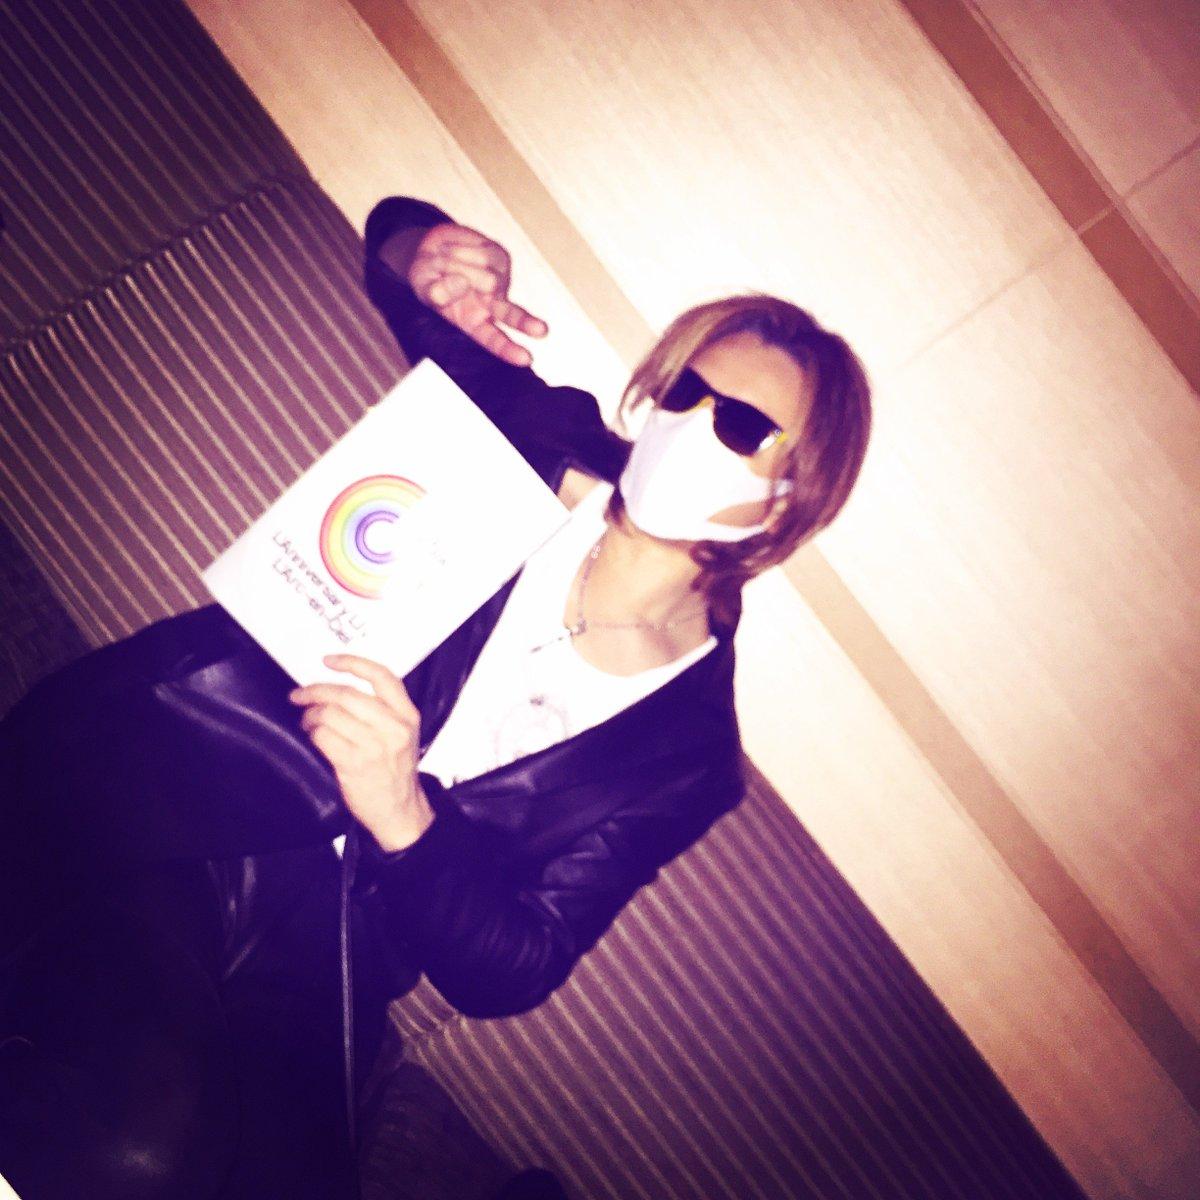 今 #東京ドーム にいます!I'm at #TokyoDome right now!  Great show! @HydeOfficial_  #larcenciel #ラルク  https://t.co/ICiDdGAlAW…